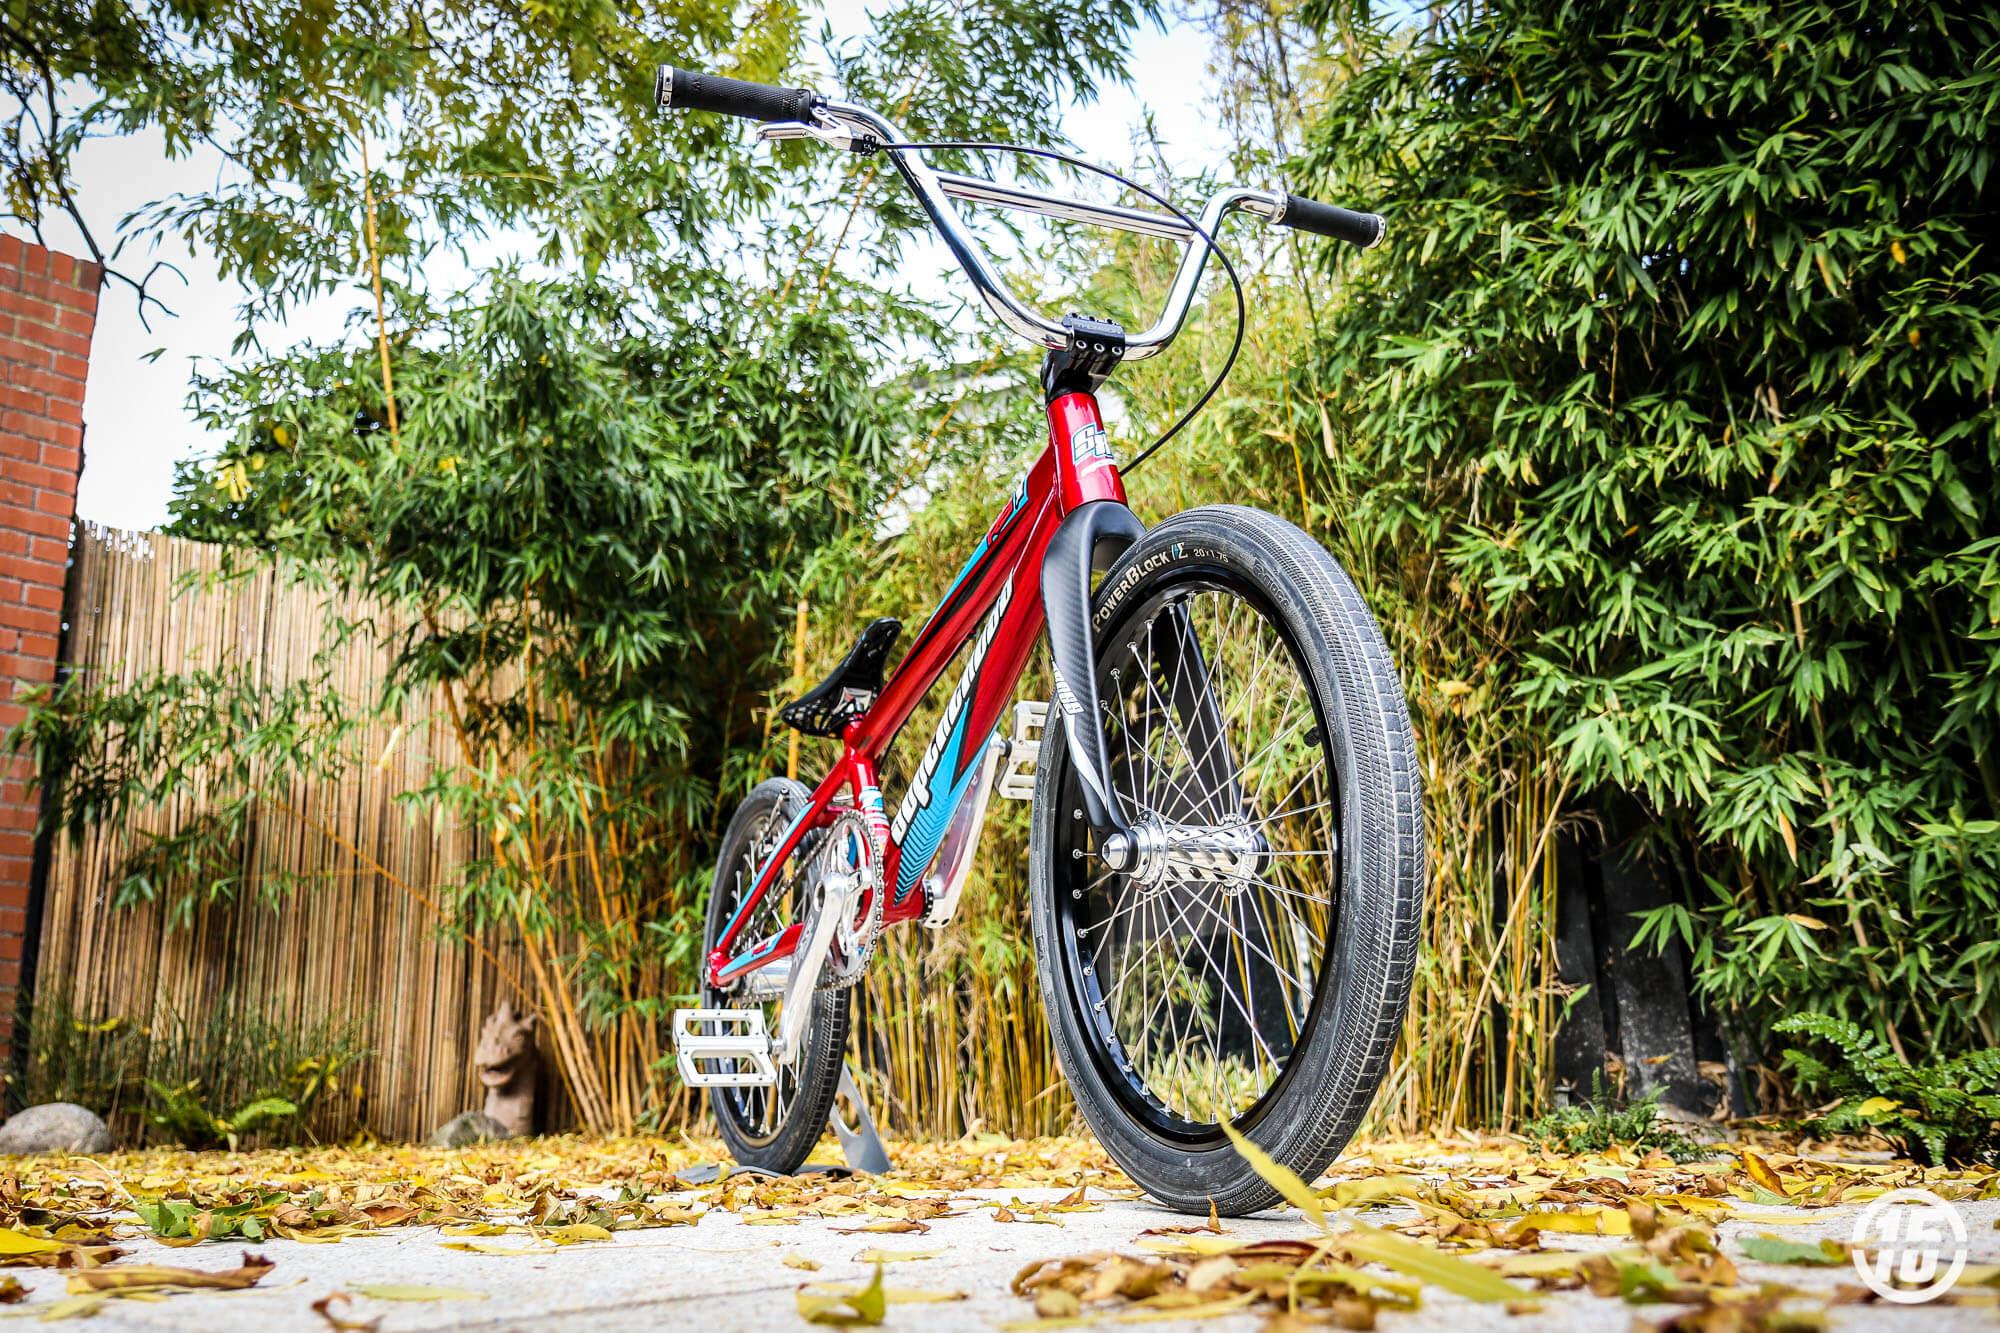 Supercross Envy RS7 - Fifteen BMX